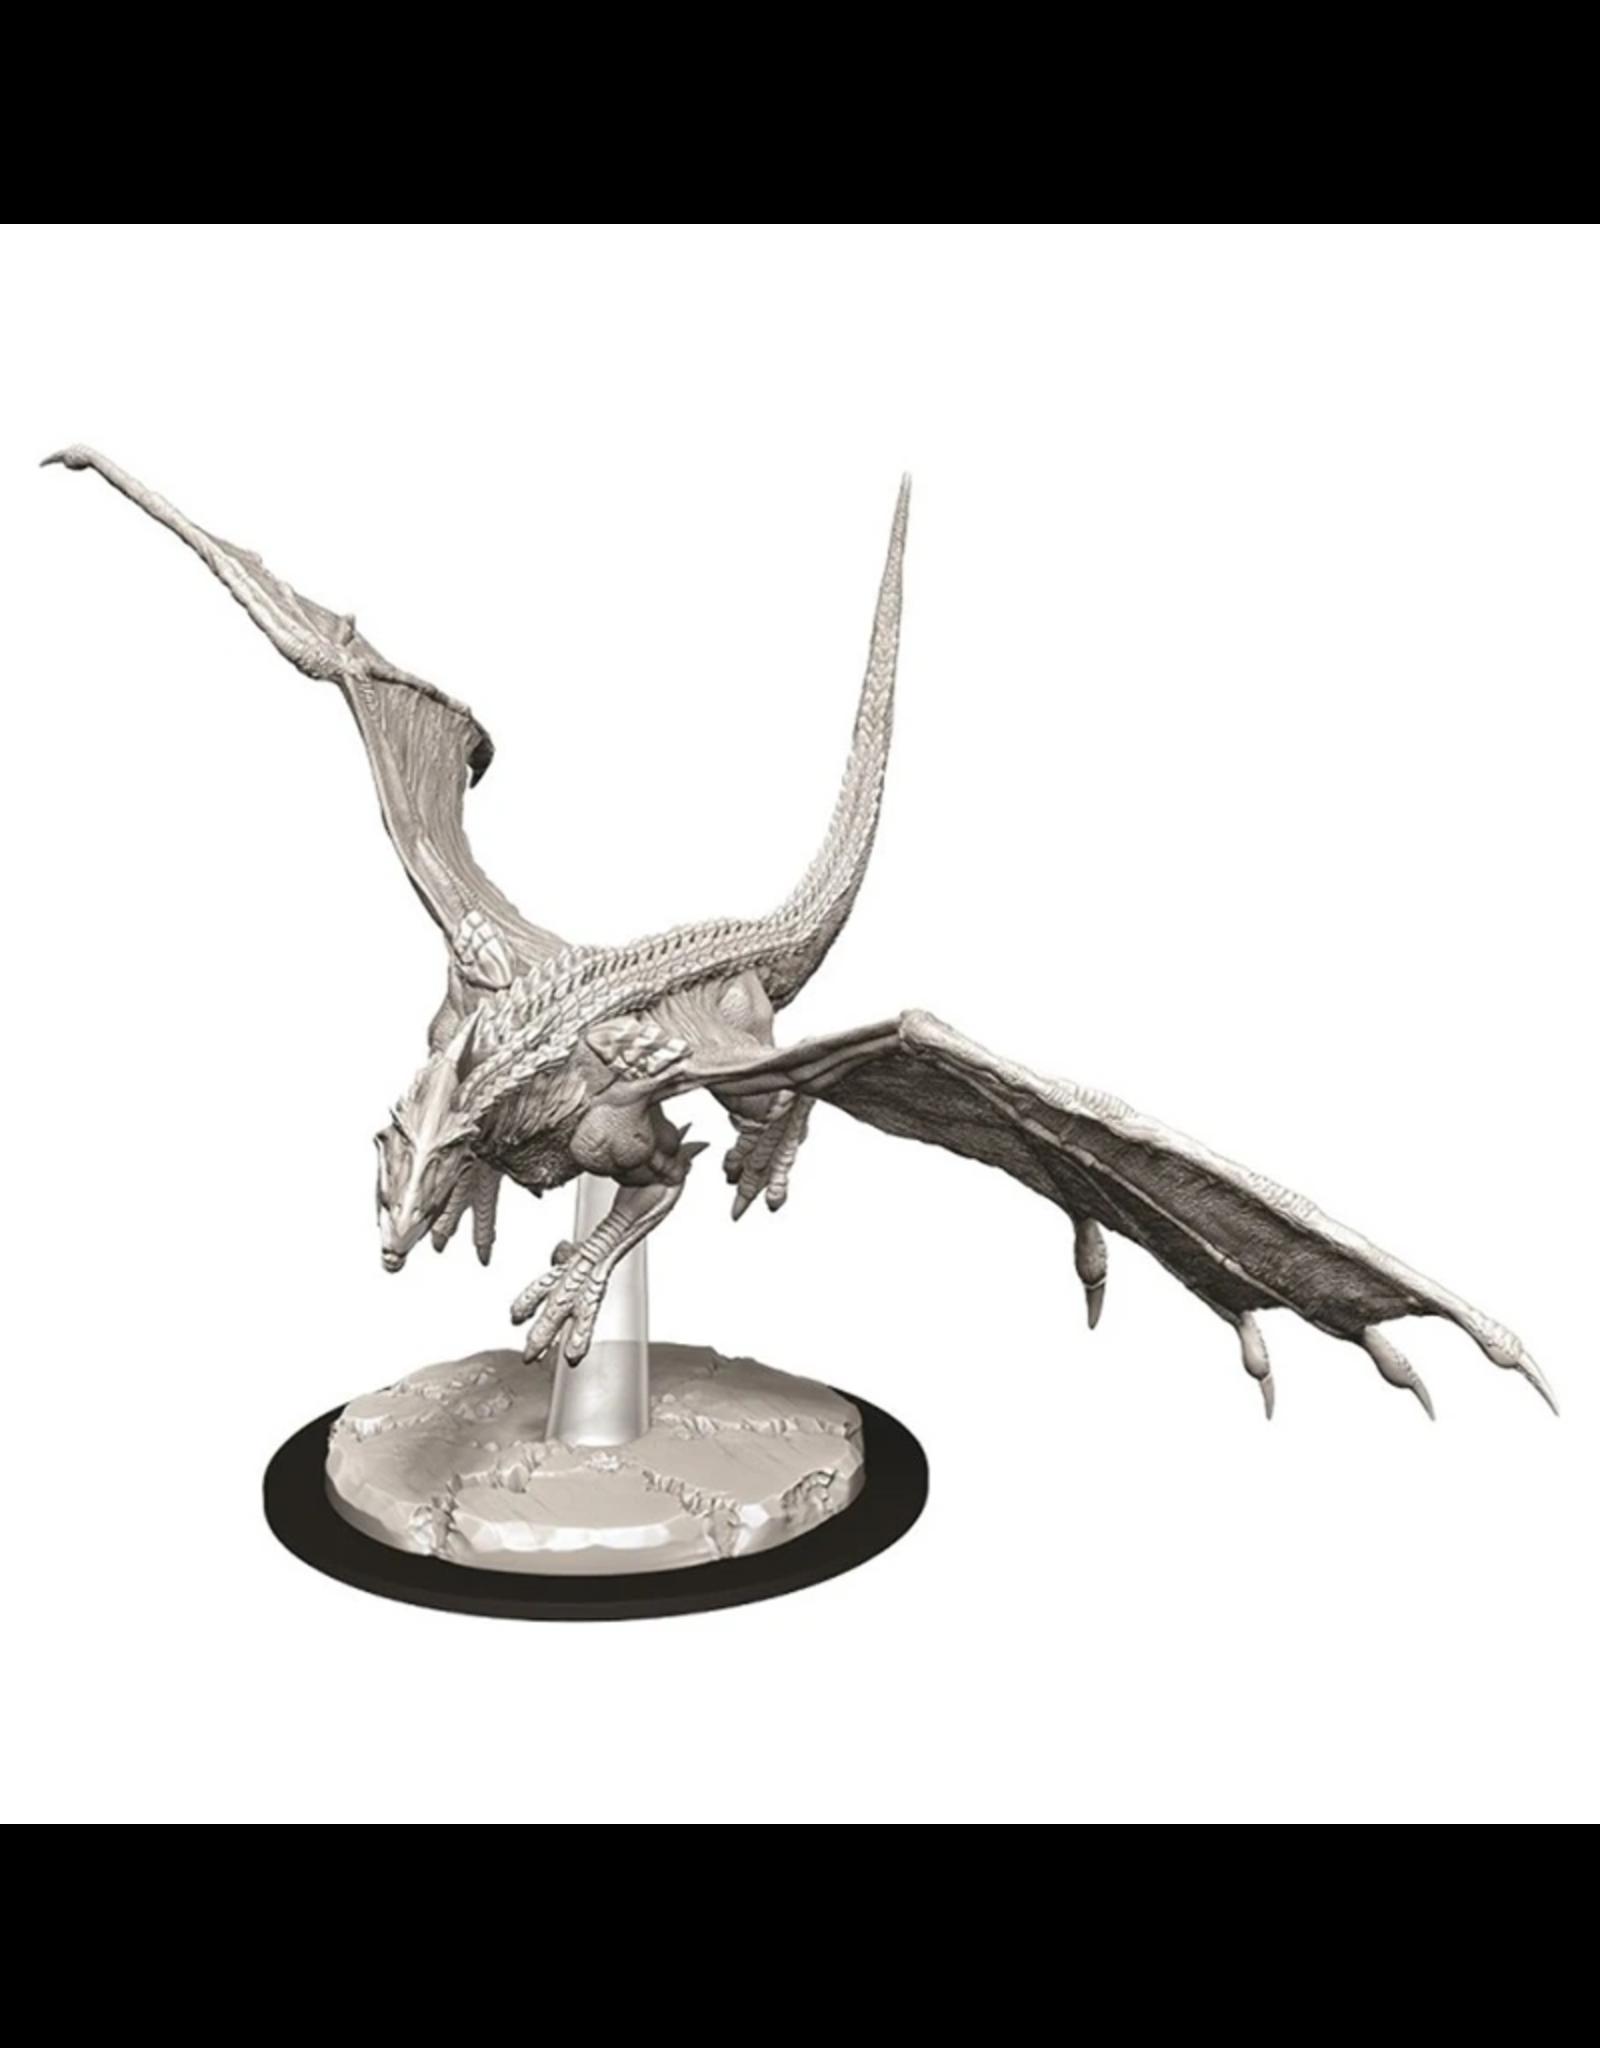 D&D Nolzur's Young White Dragon miniatuur